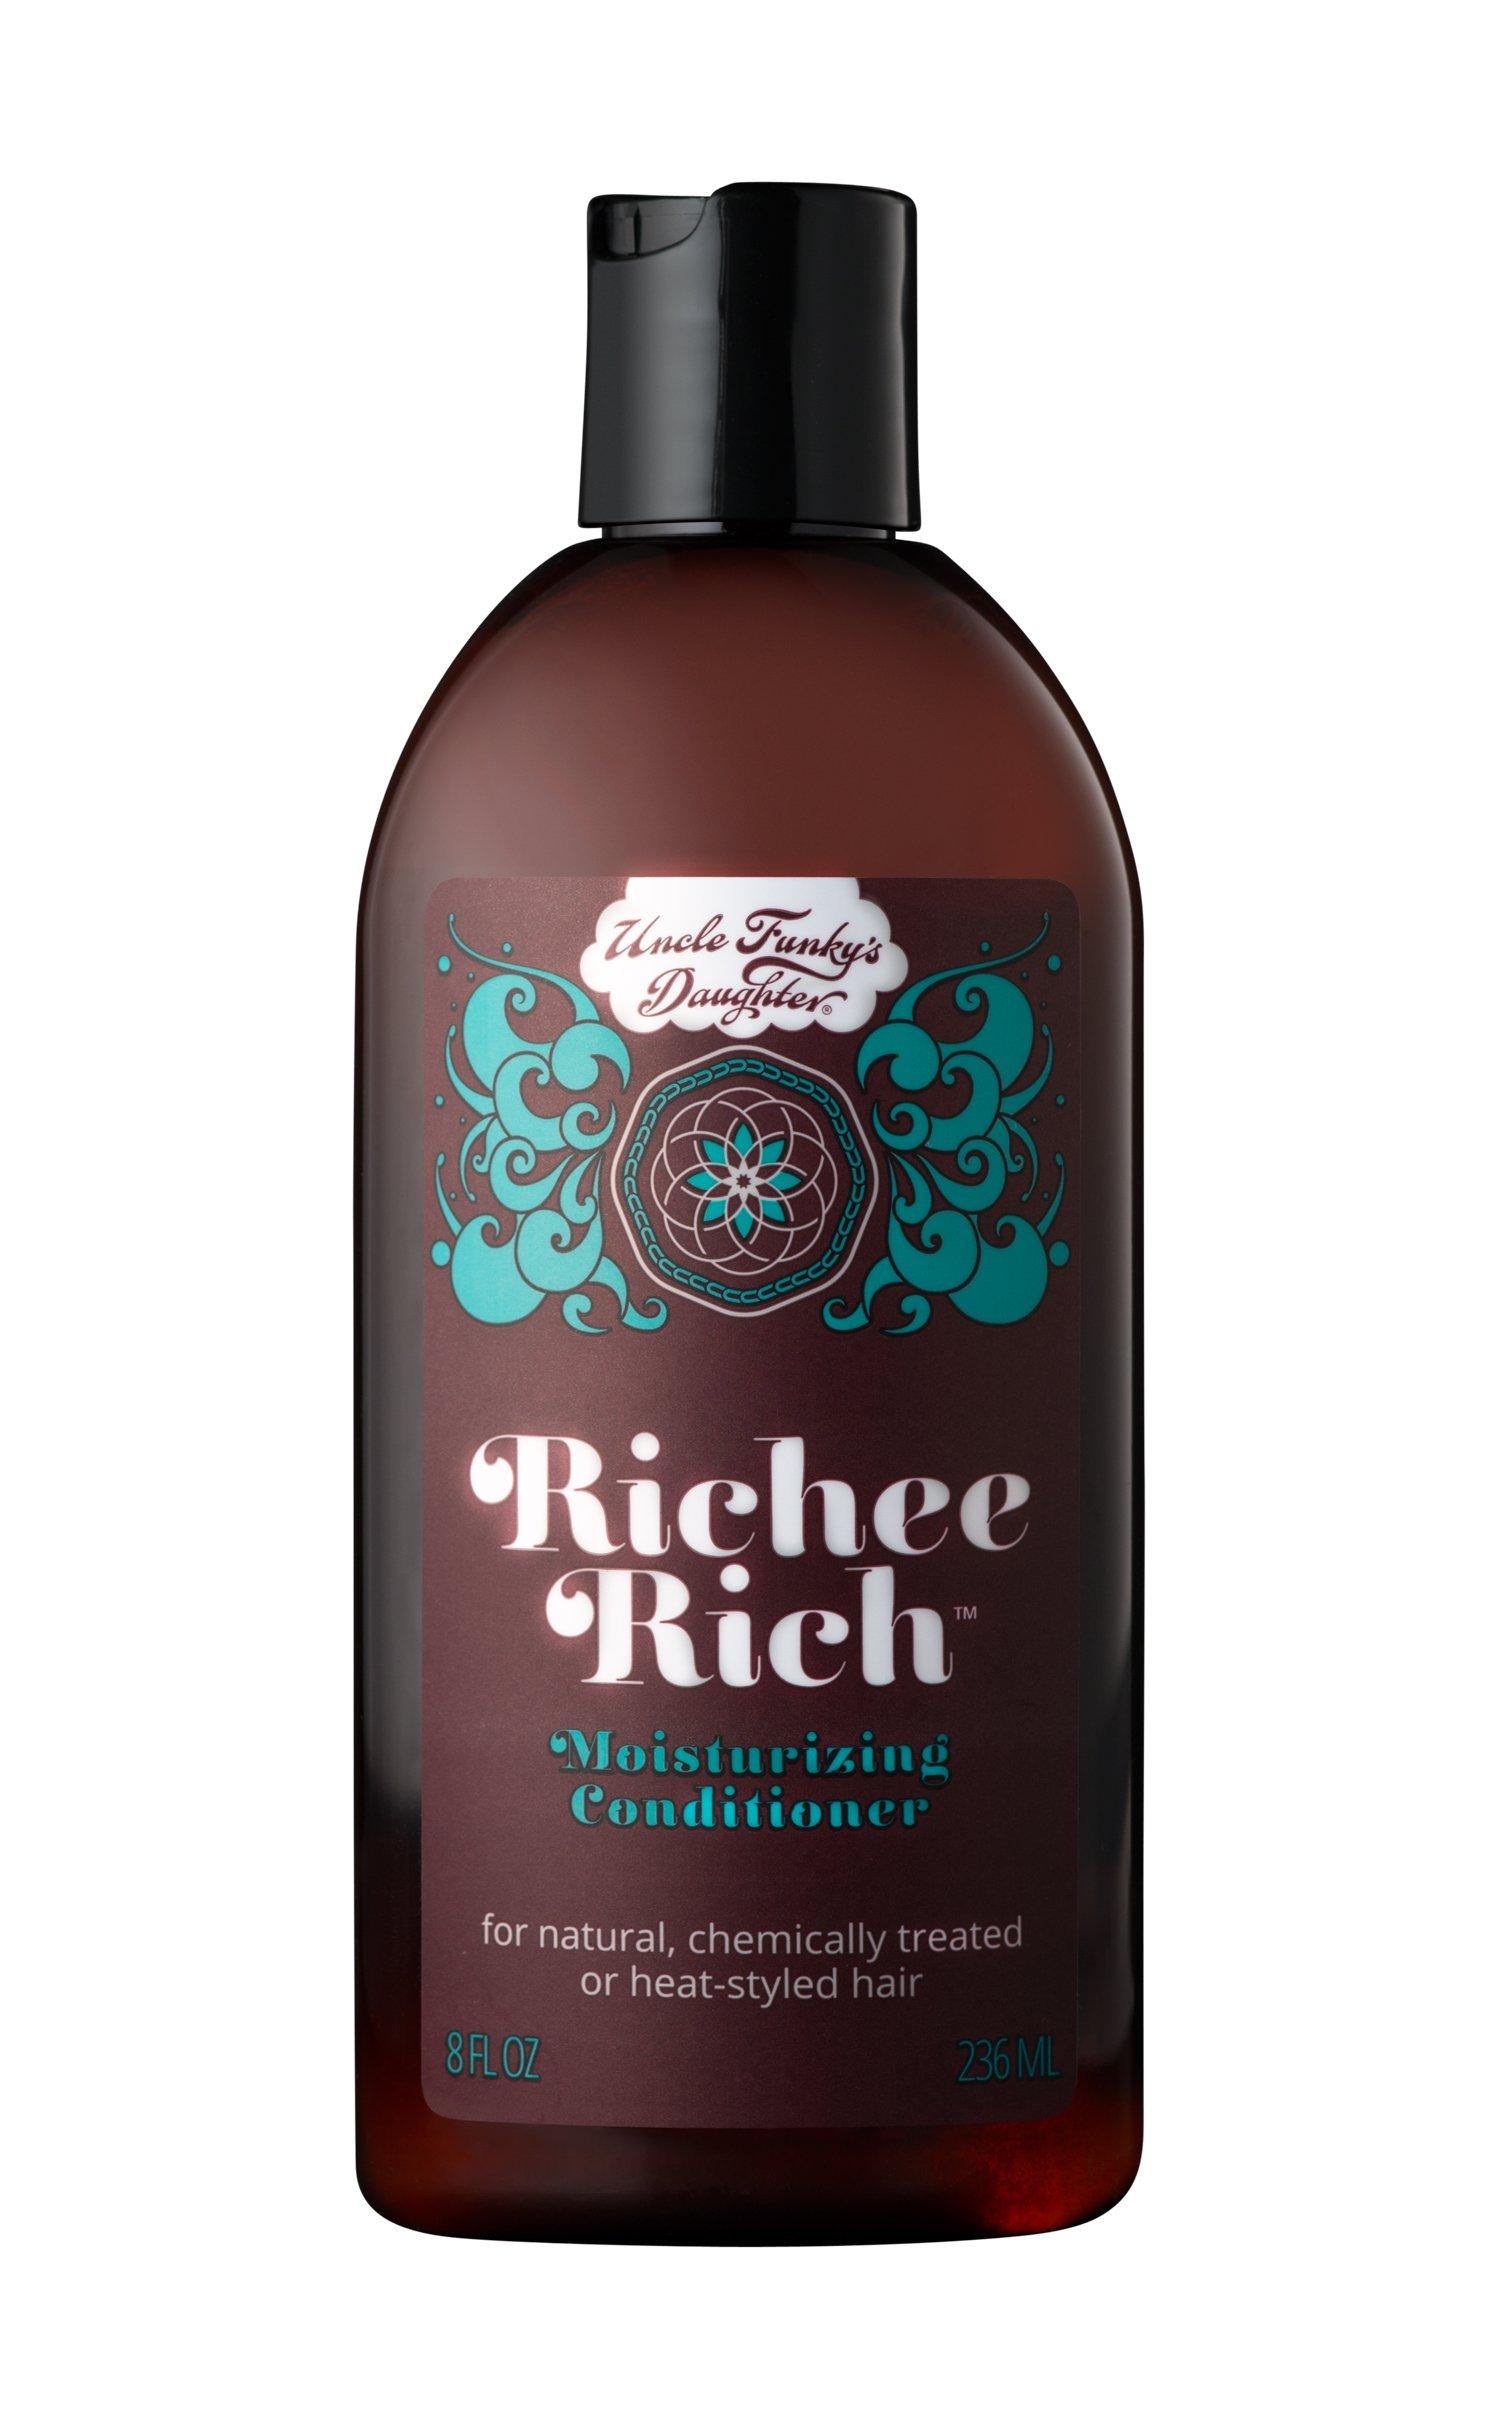 Richee Rich Moisturizing Conditioner, 8 oz